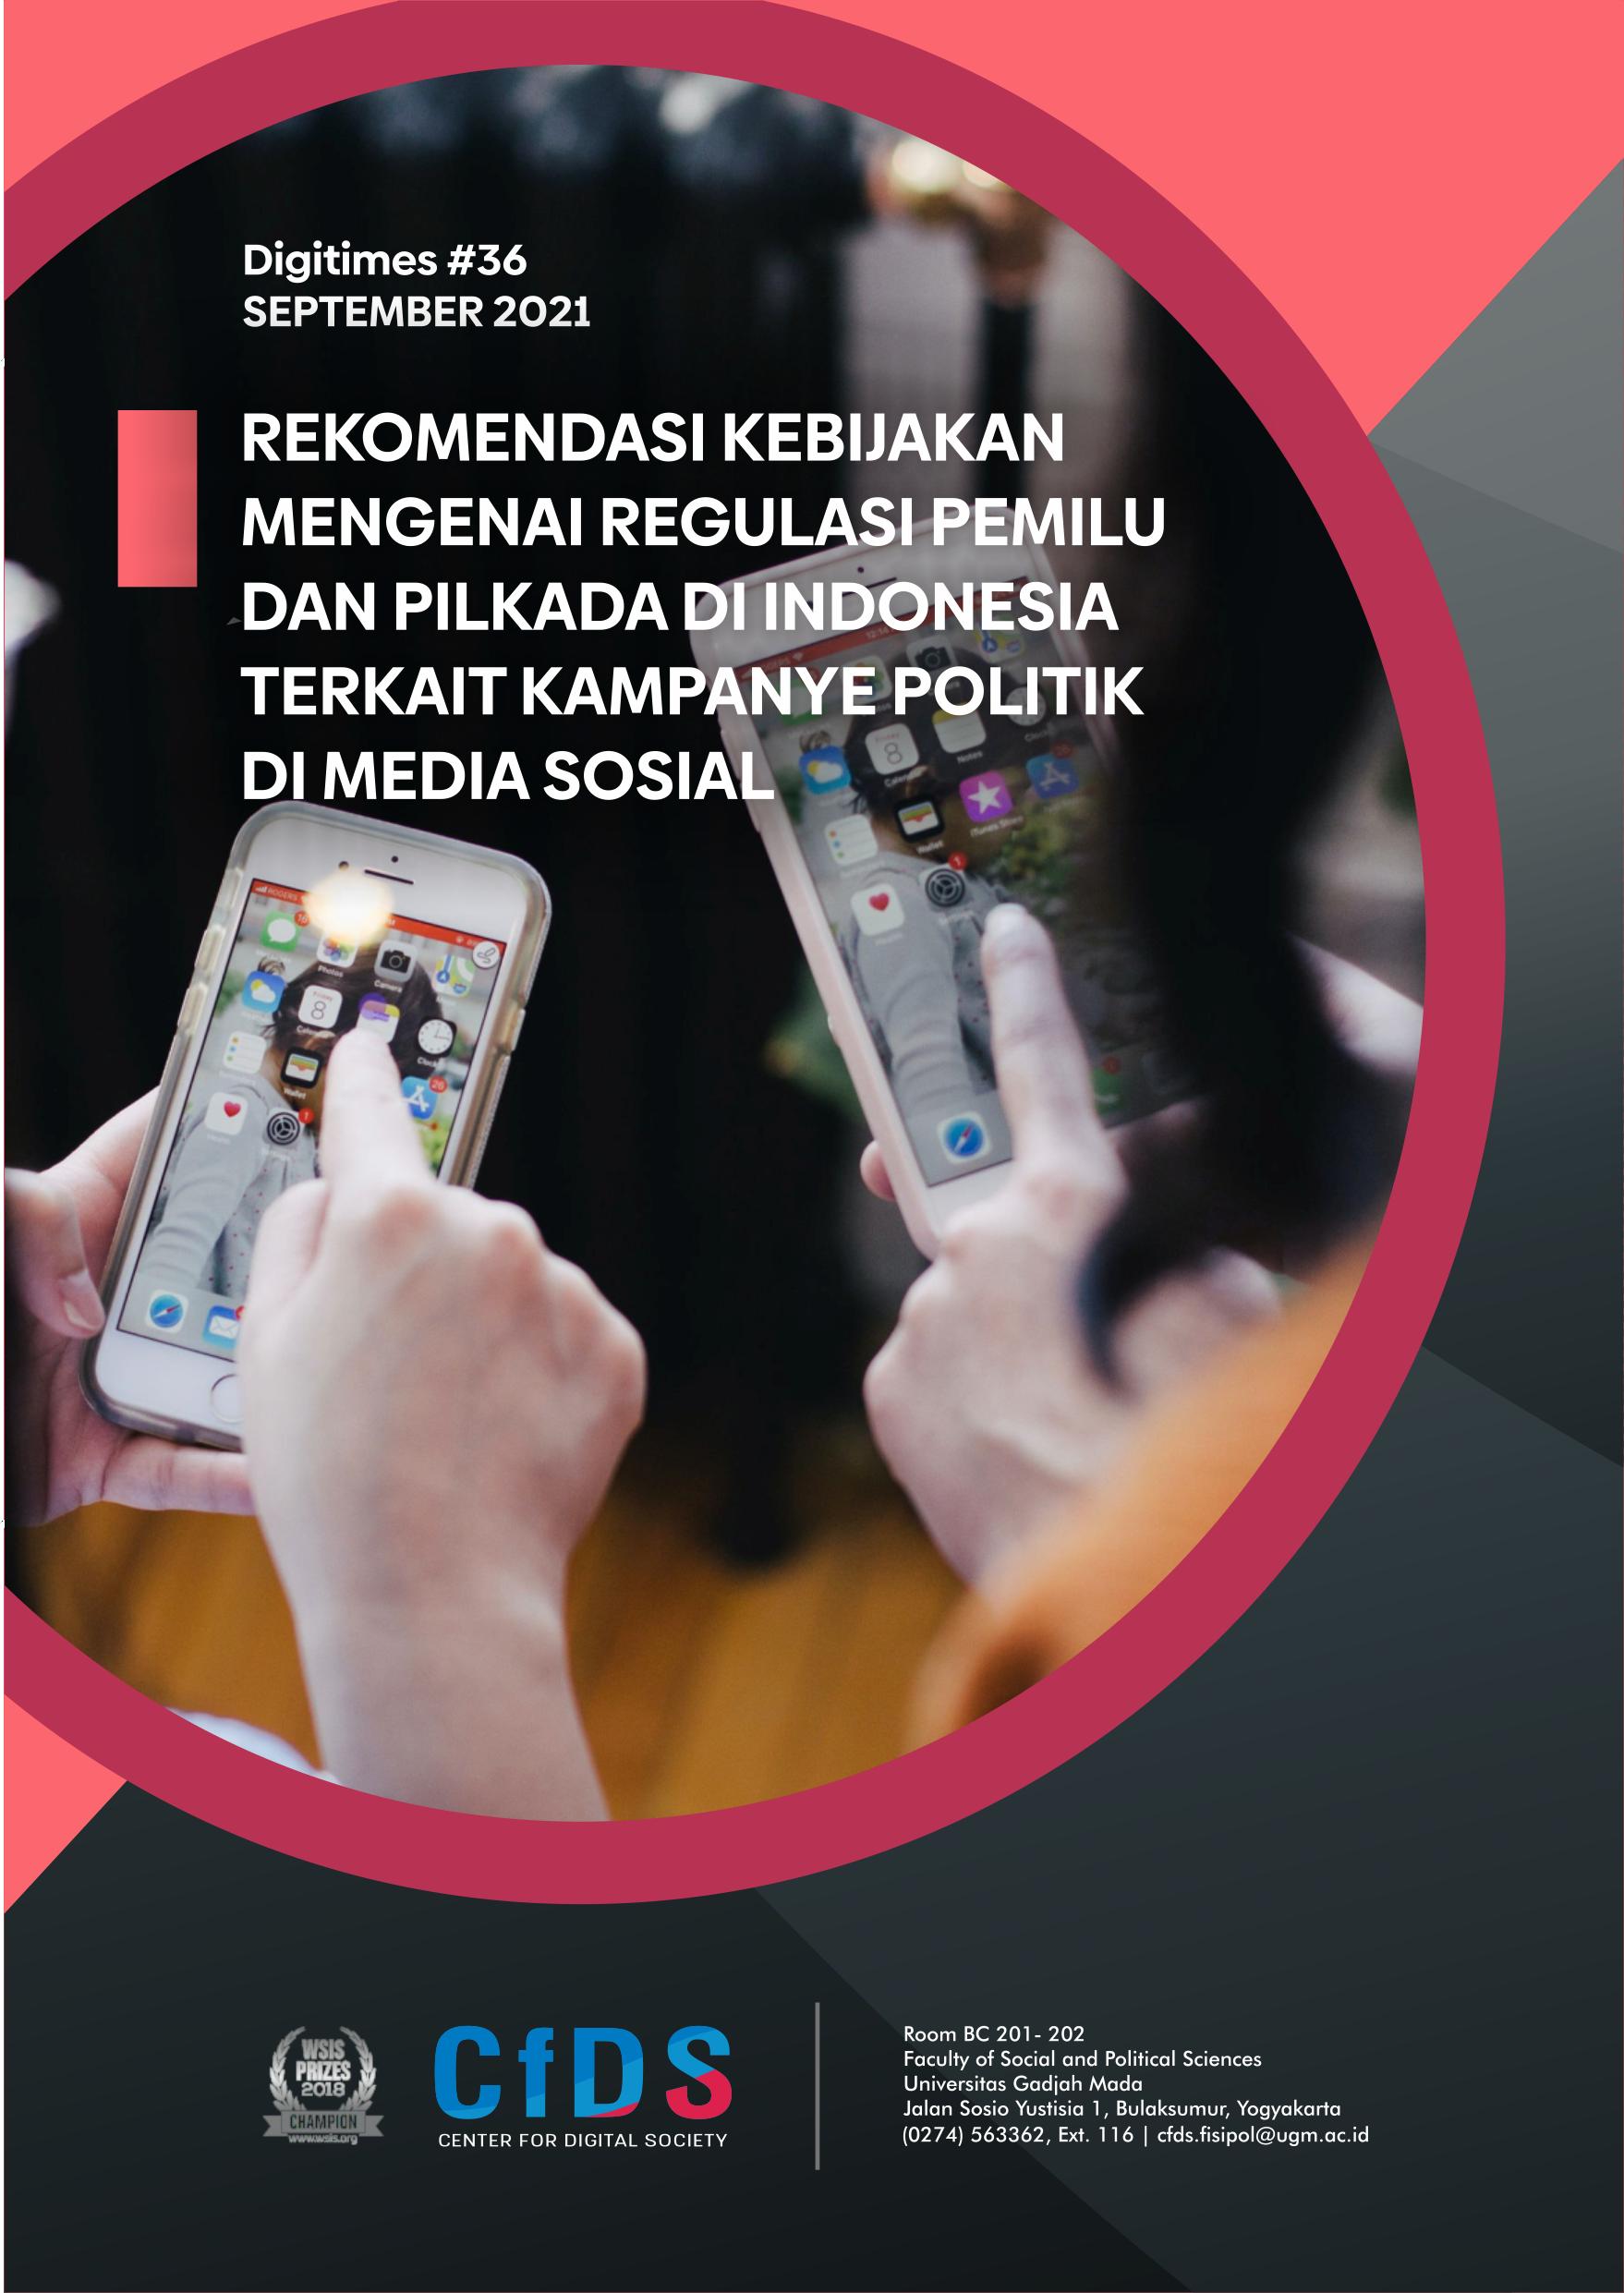 #36 CfDS Digitimes – Rekomendasi Kebijakan Mengenai Regulasi Pemilu dan Pilkada di Indonesia Terkait Kampanye Politik di Media Sosial